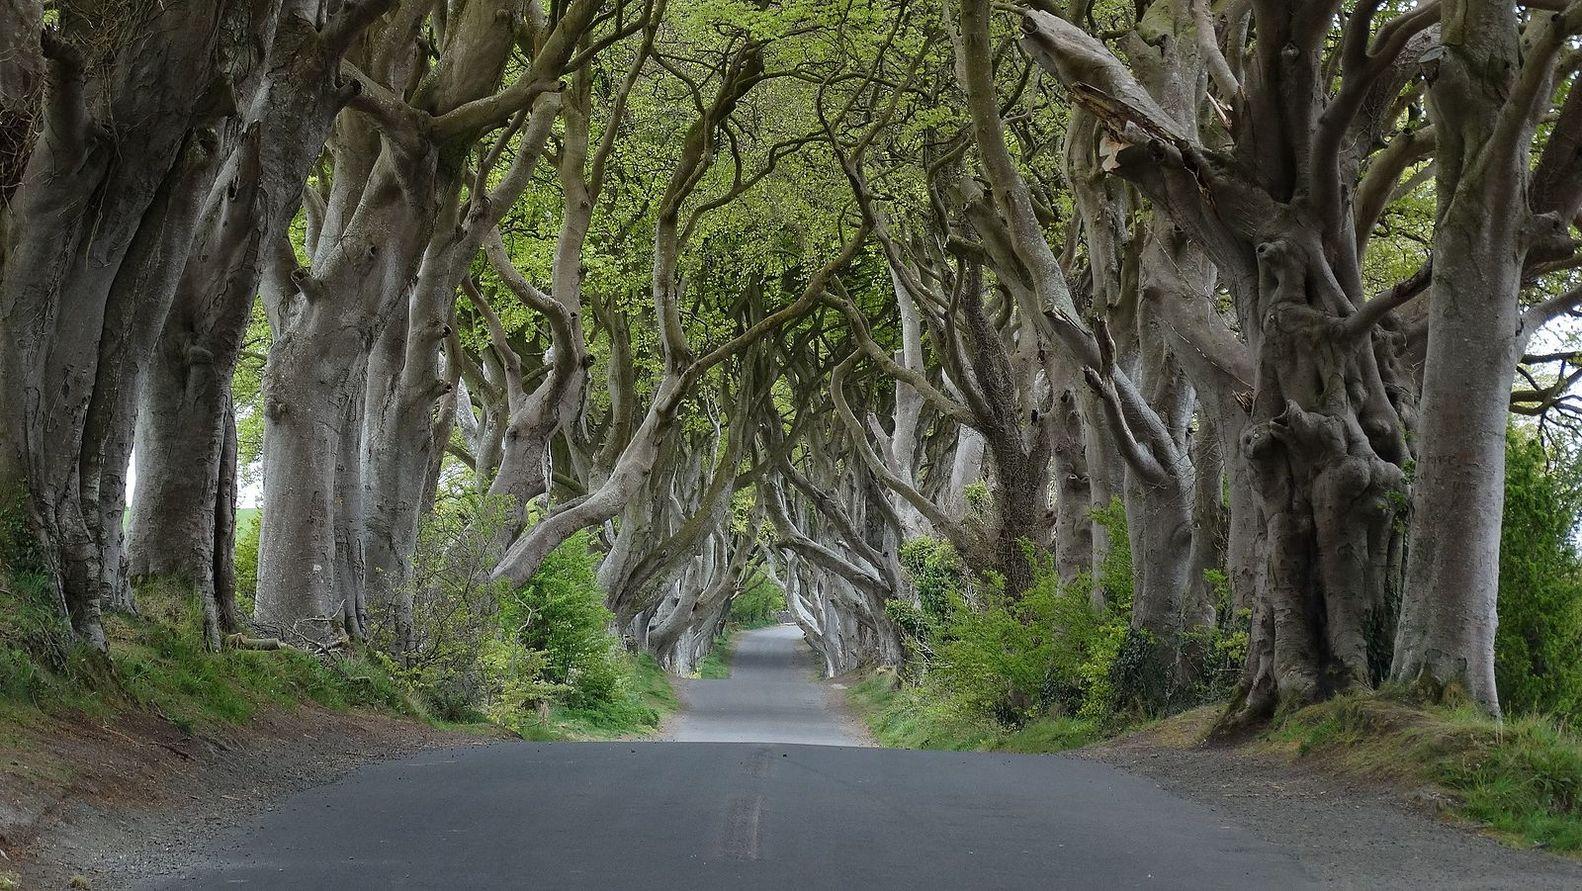 Еще одна локация из Северной Ирландии, один из самых фотографируемых местных природных феноменов — Т